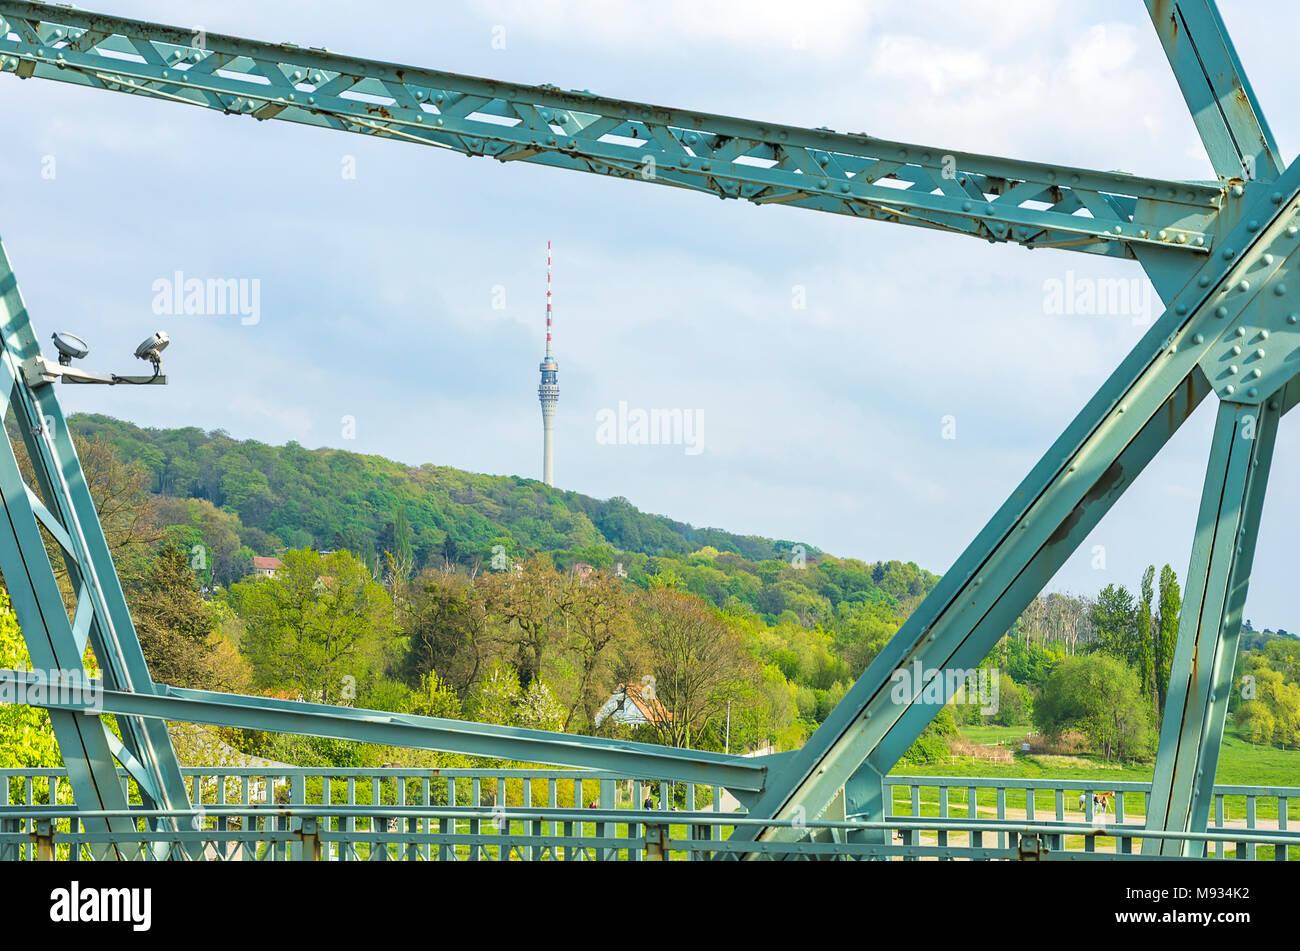 Dresden, Sachsen, Deutschland - Der Fernsehturm zwischen geschweiften Klammern der Brücke Blaues Wunder gesehen. Stockbild